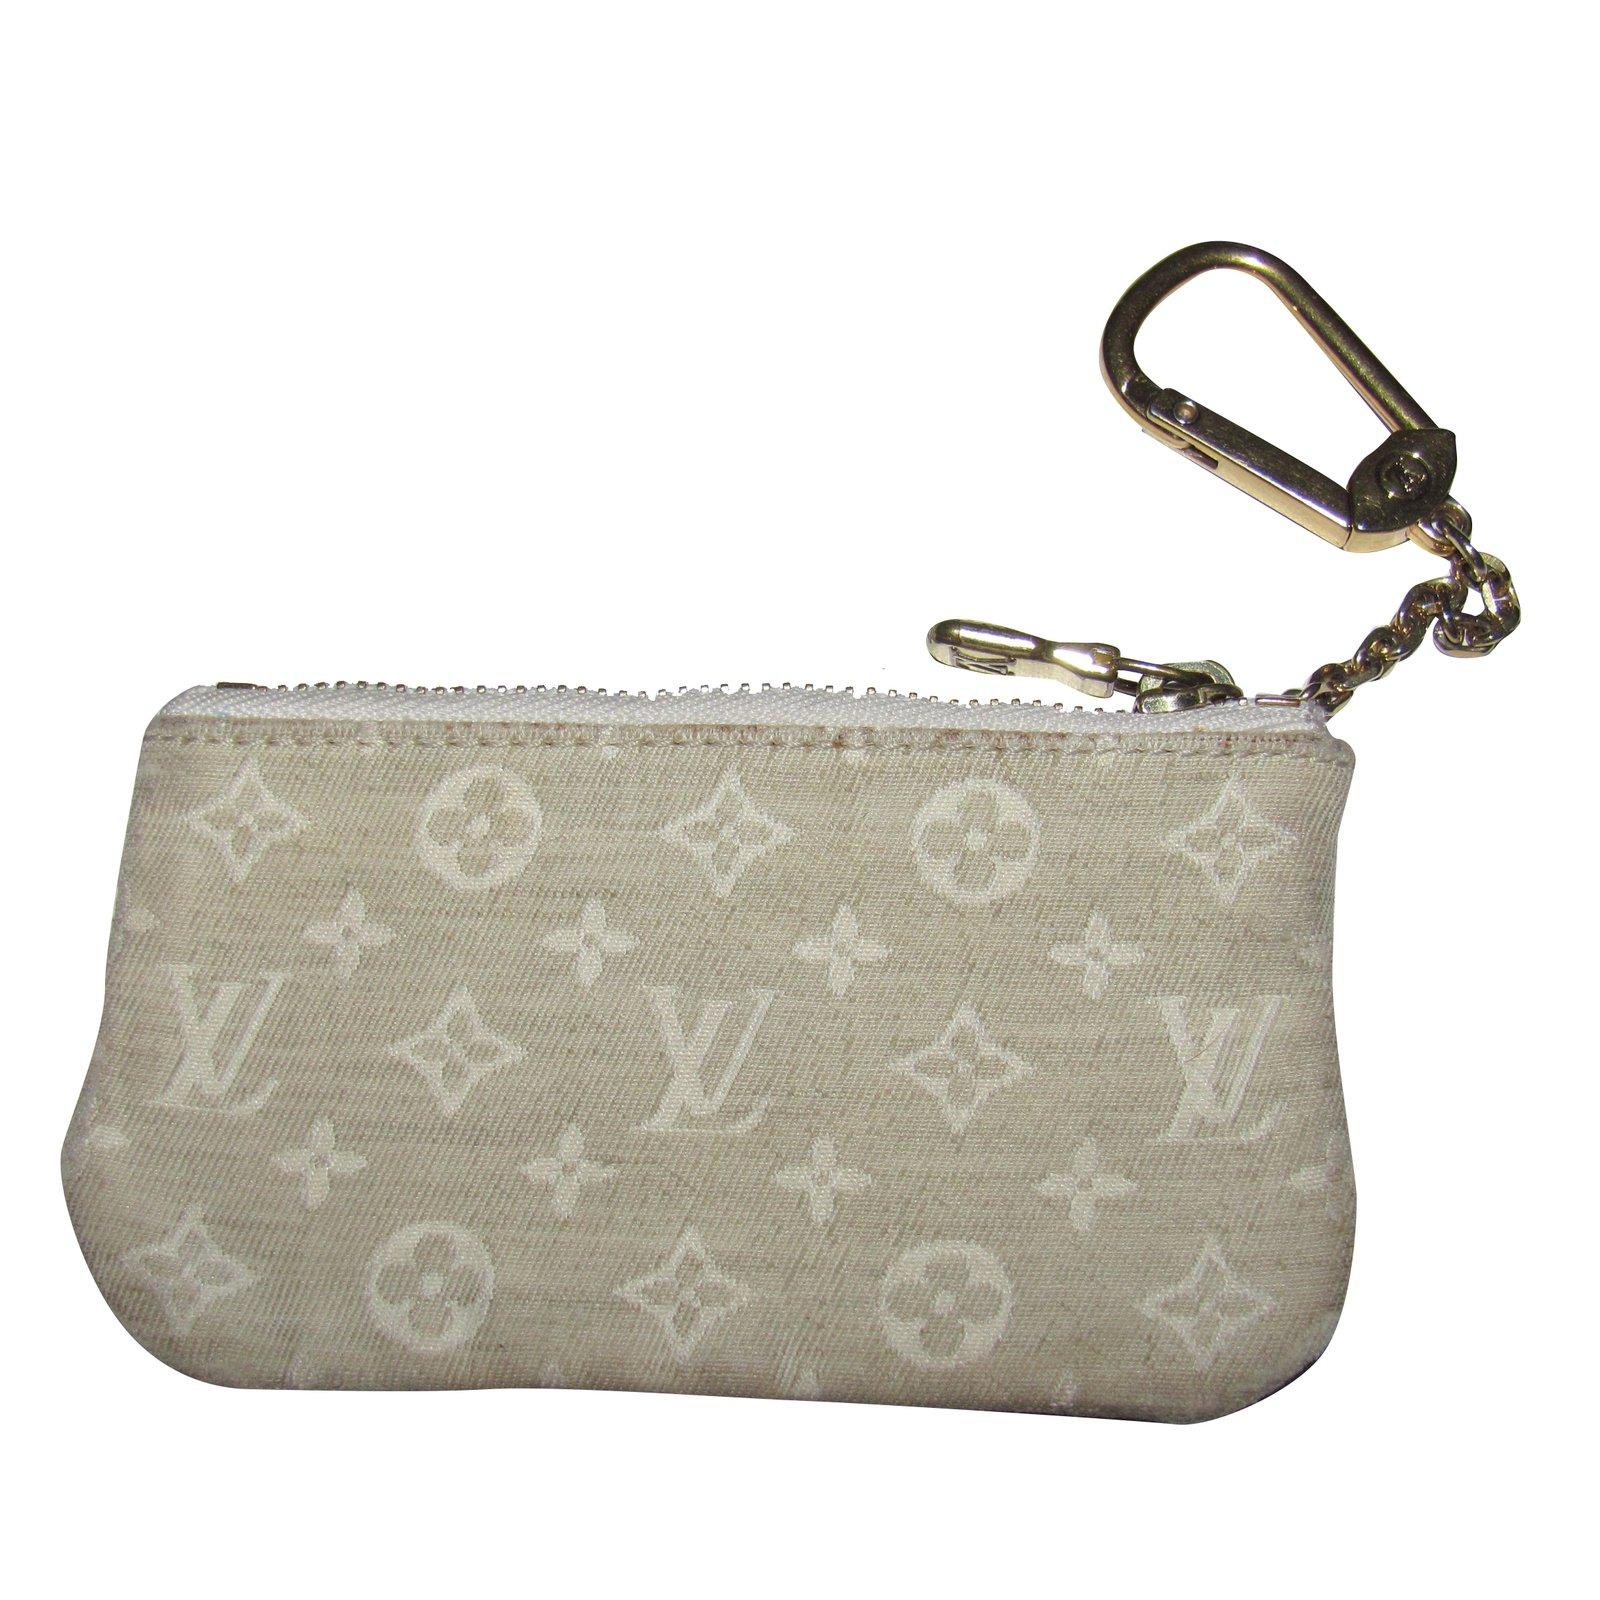 a94e196bb54 Petite maroquinerie Louis Vuitton petit porte monnaie et porte clef Toile  Gris ref.34662